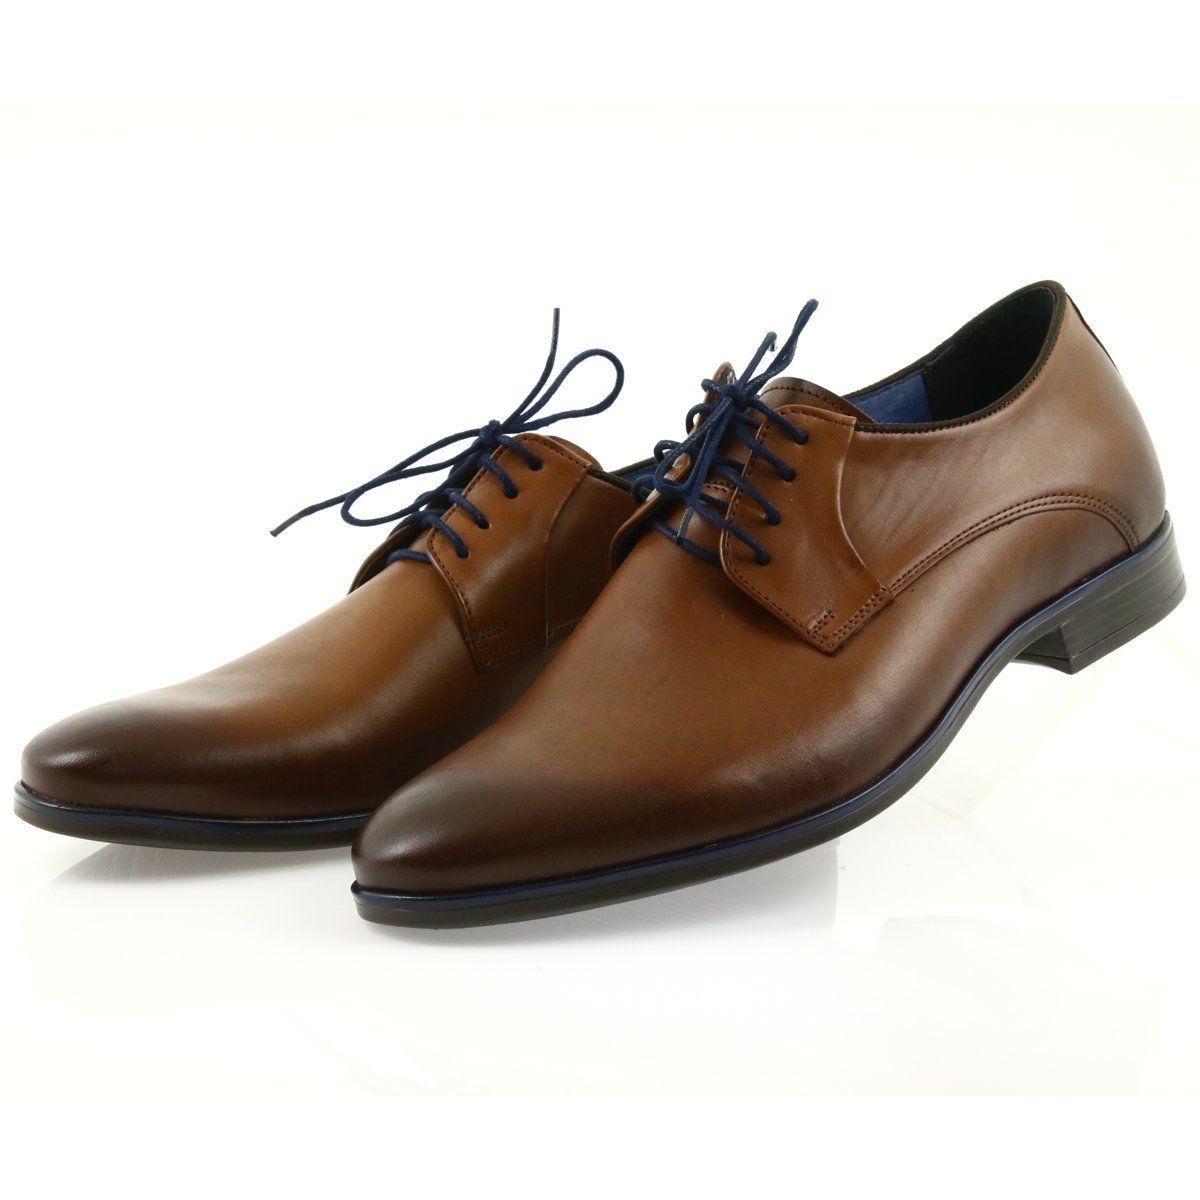 Pantofle Brazowe Meskie Nikopol 1644 Brown Slippers Elegant Shoes Dress Shoes Men